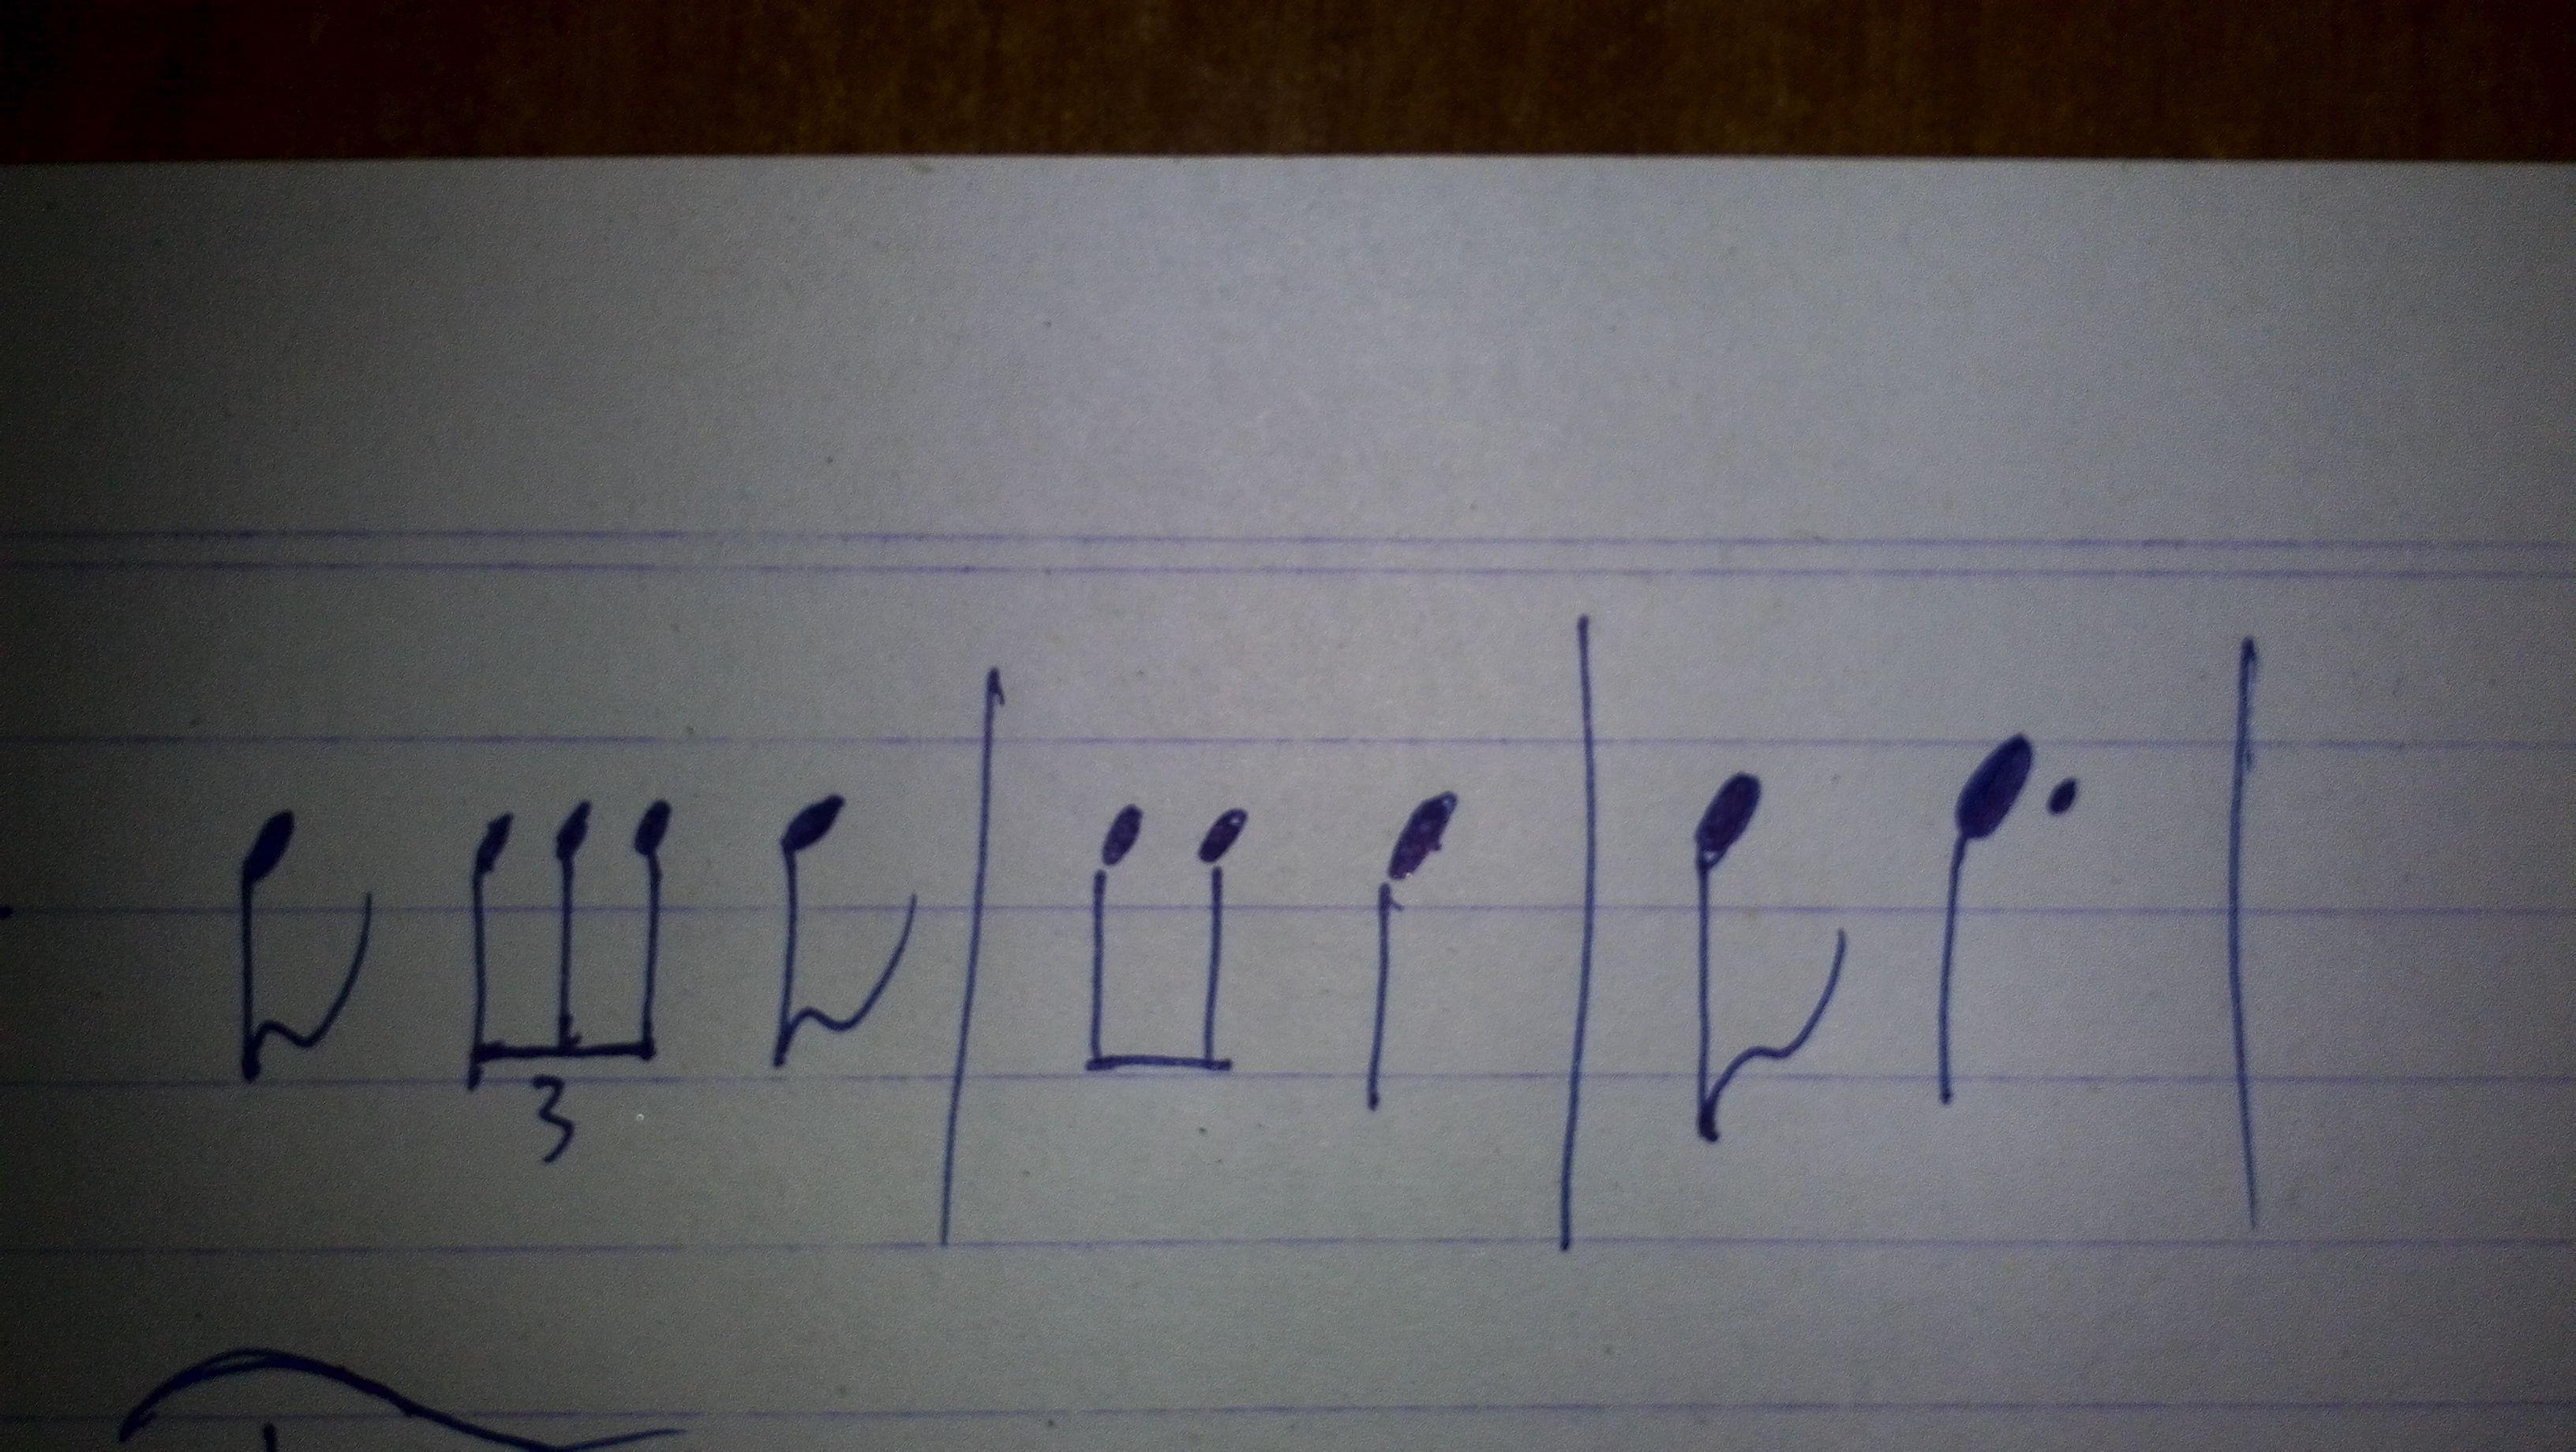 乐理 音值组合 划分小节高清图片